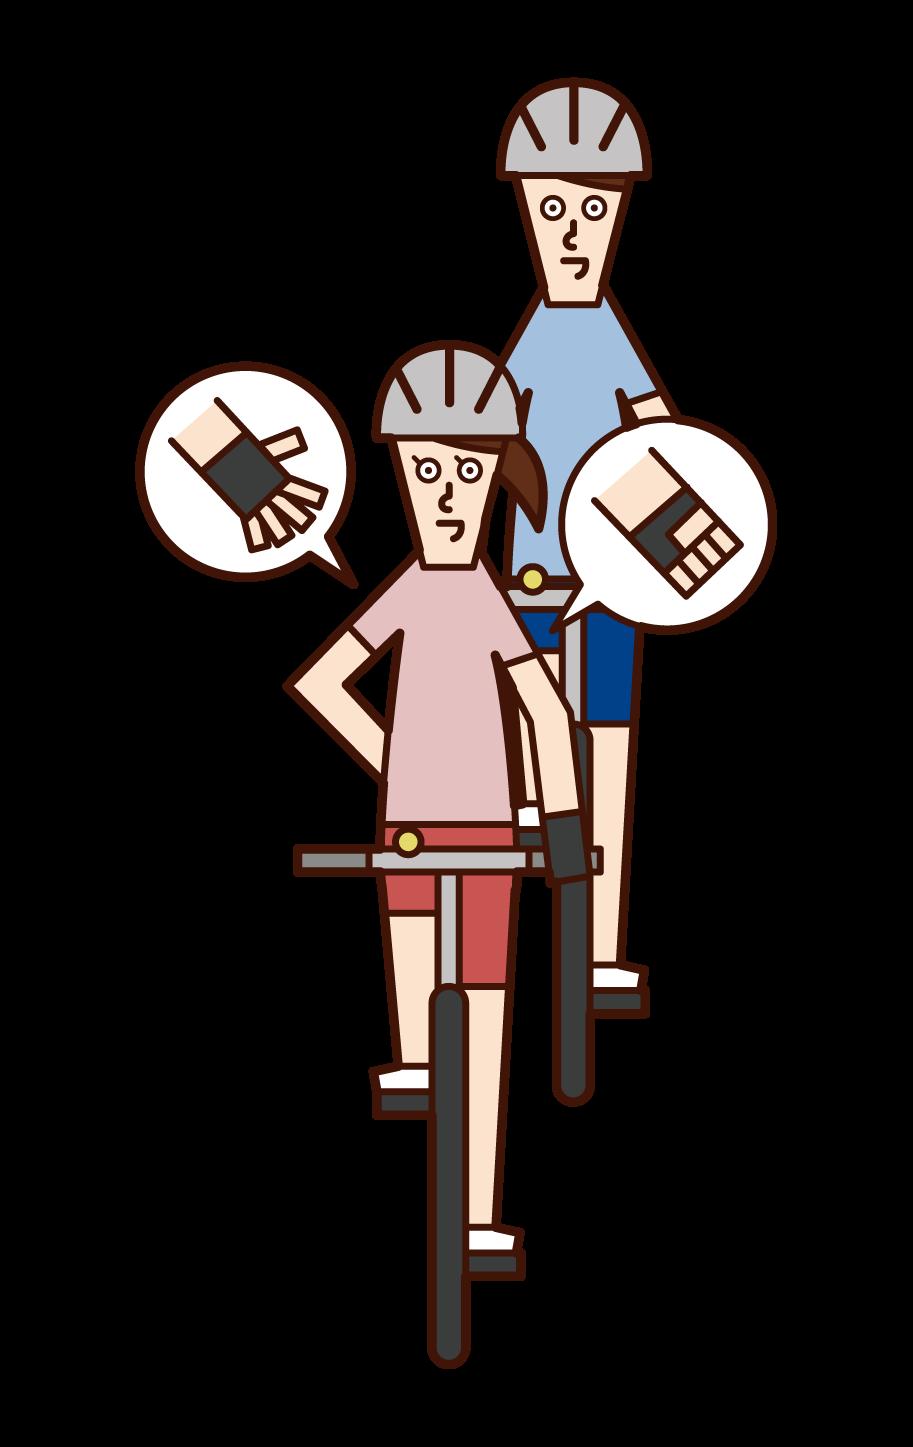 自転車の手信号・速度を落とす(女性)のイラスト